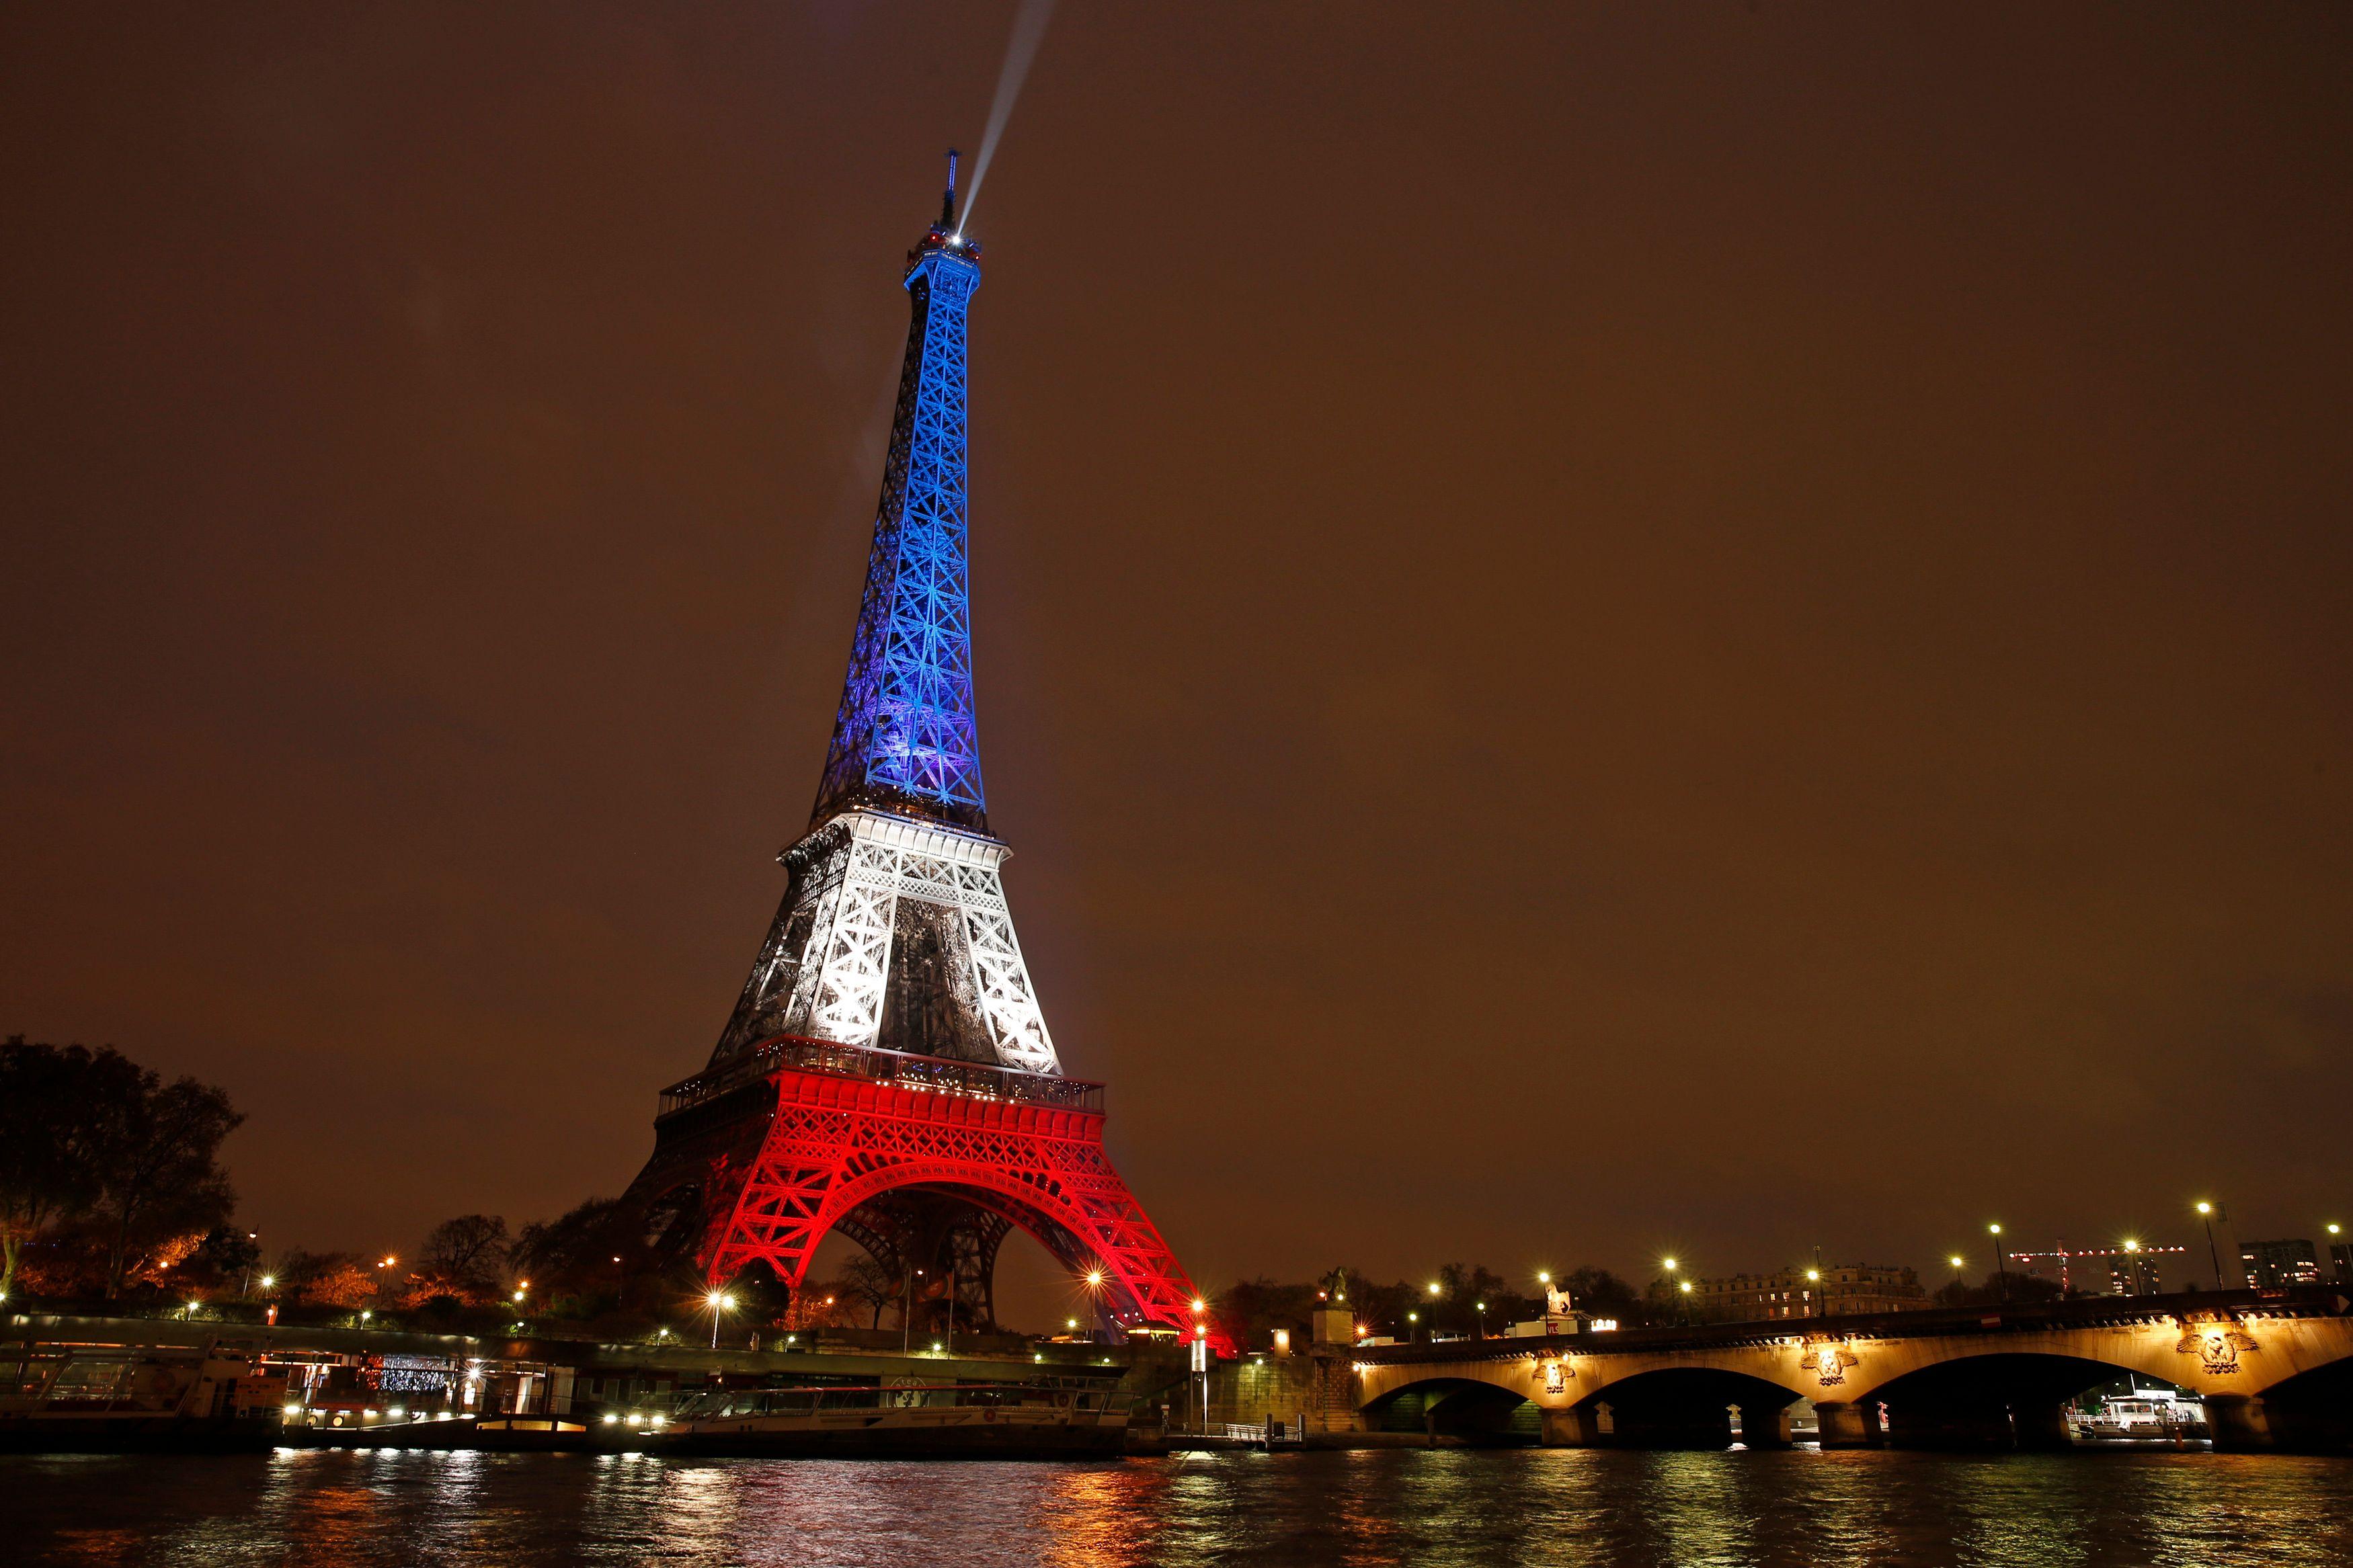 Le drapeau tricolore, symbole plébiscité par les Français